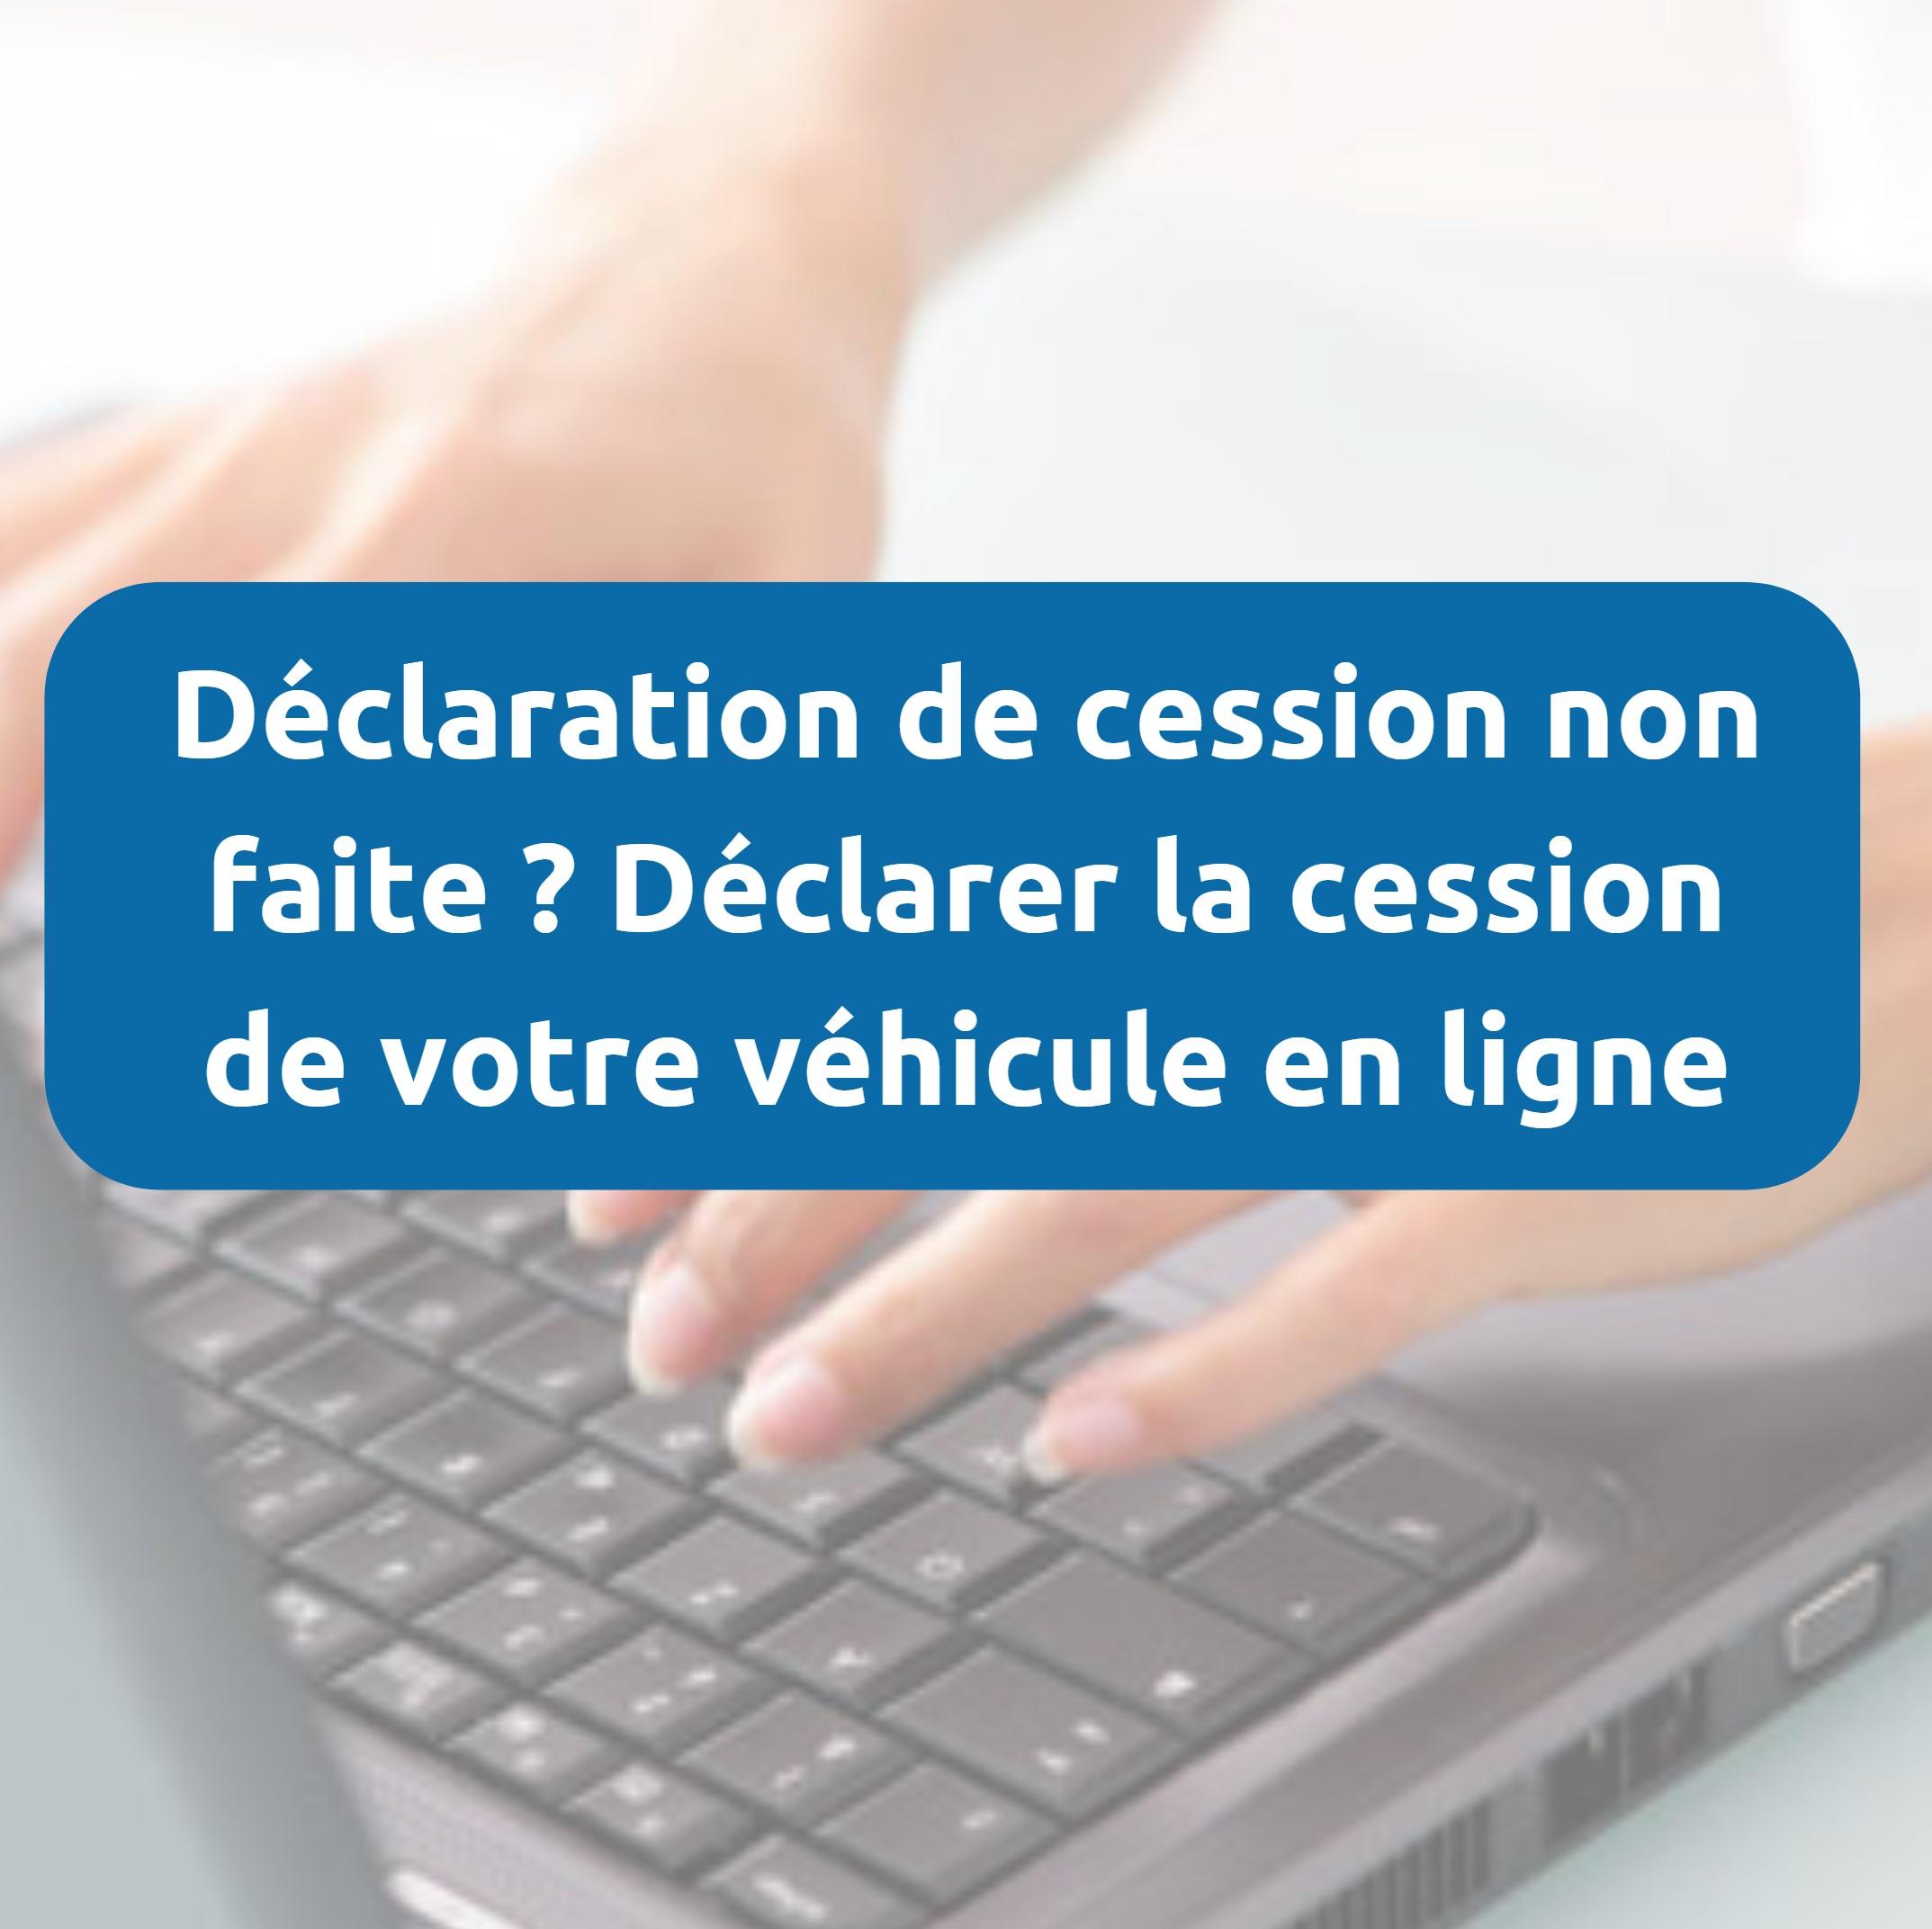 Déclaration de cession non enregistrée / non faite